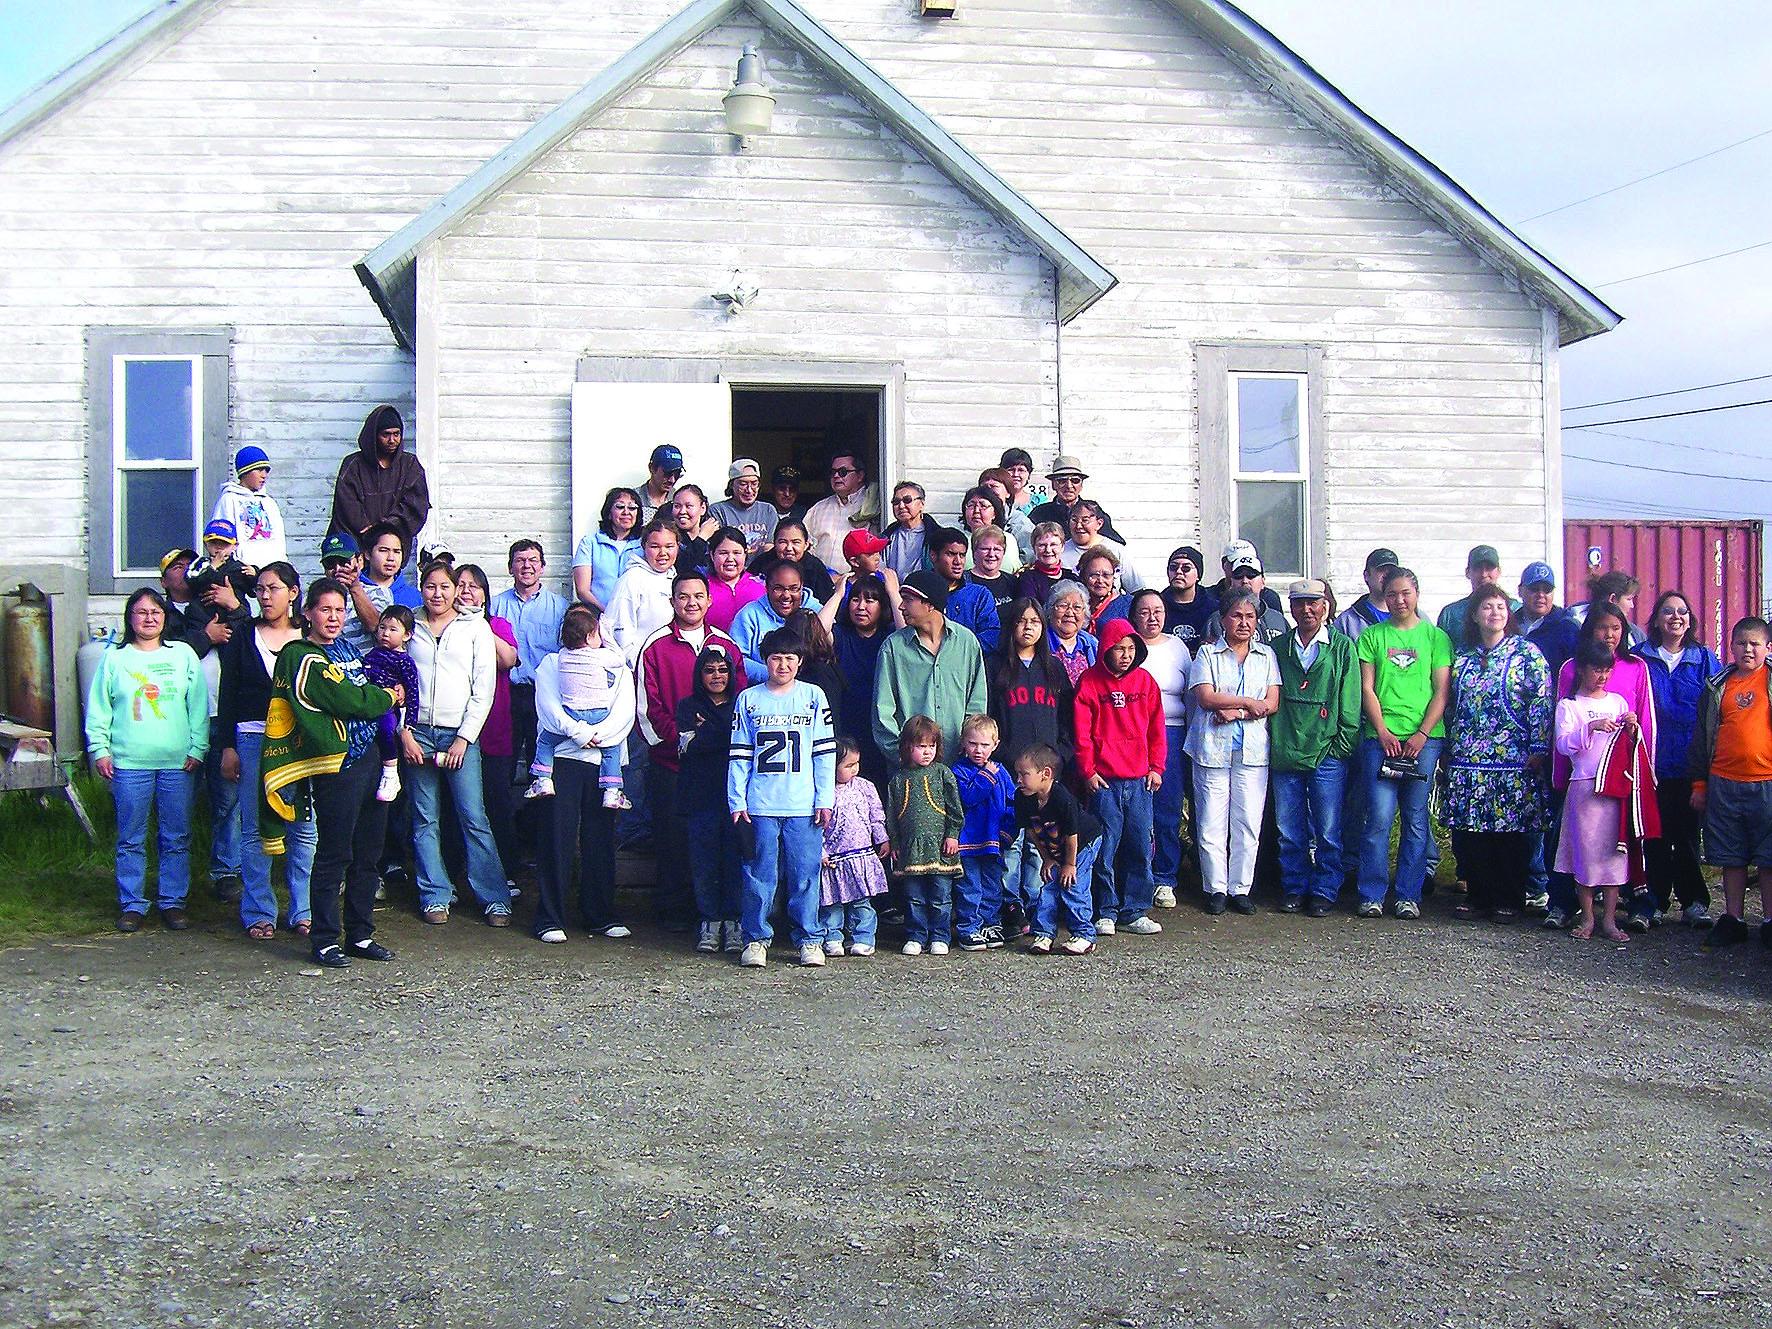 Del 4 Fra Alta til Alaska: Reisen i bestefars fotspor